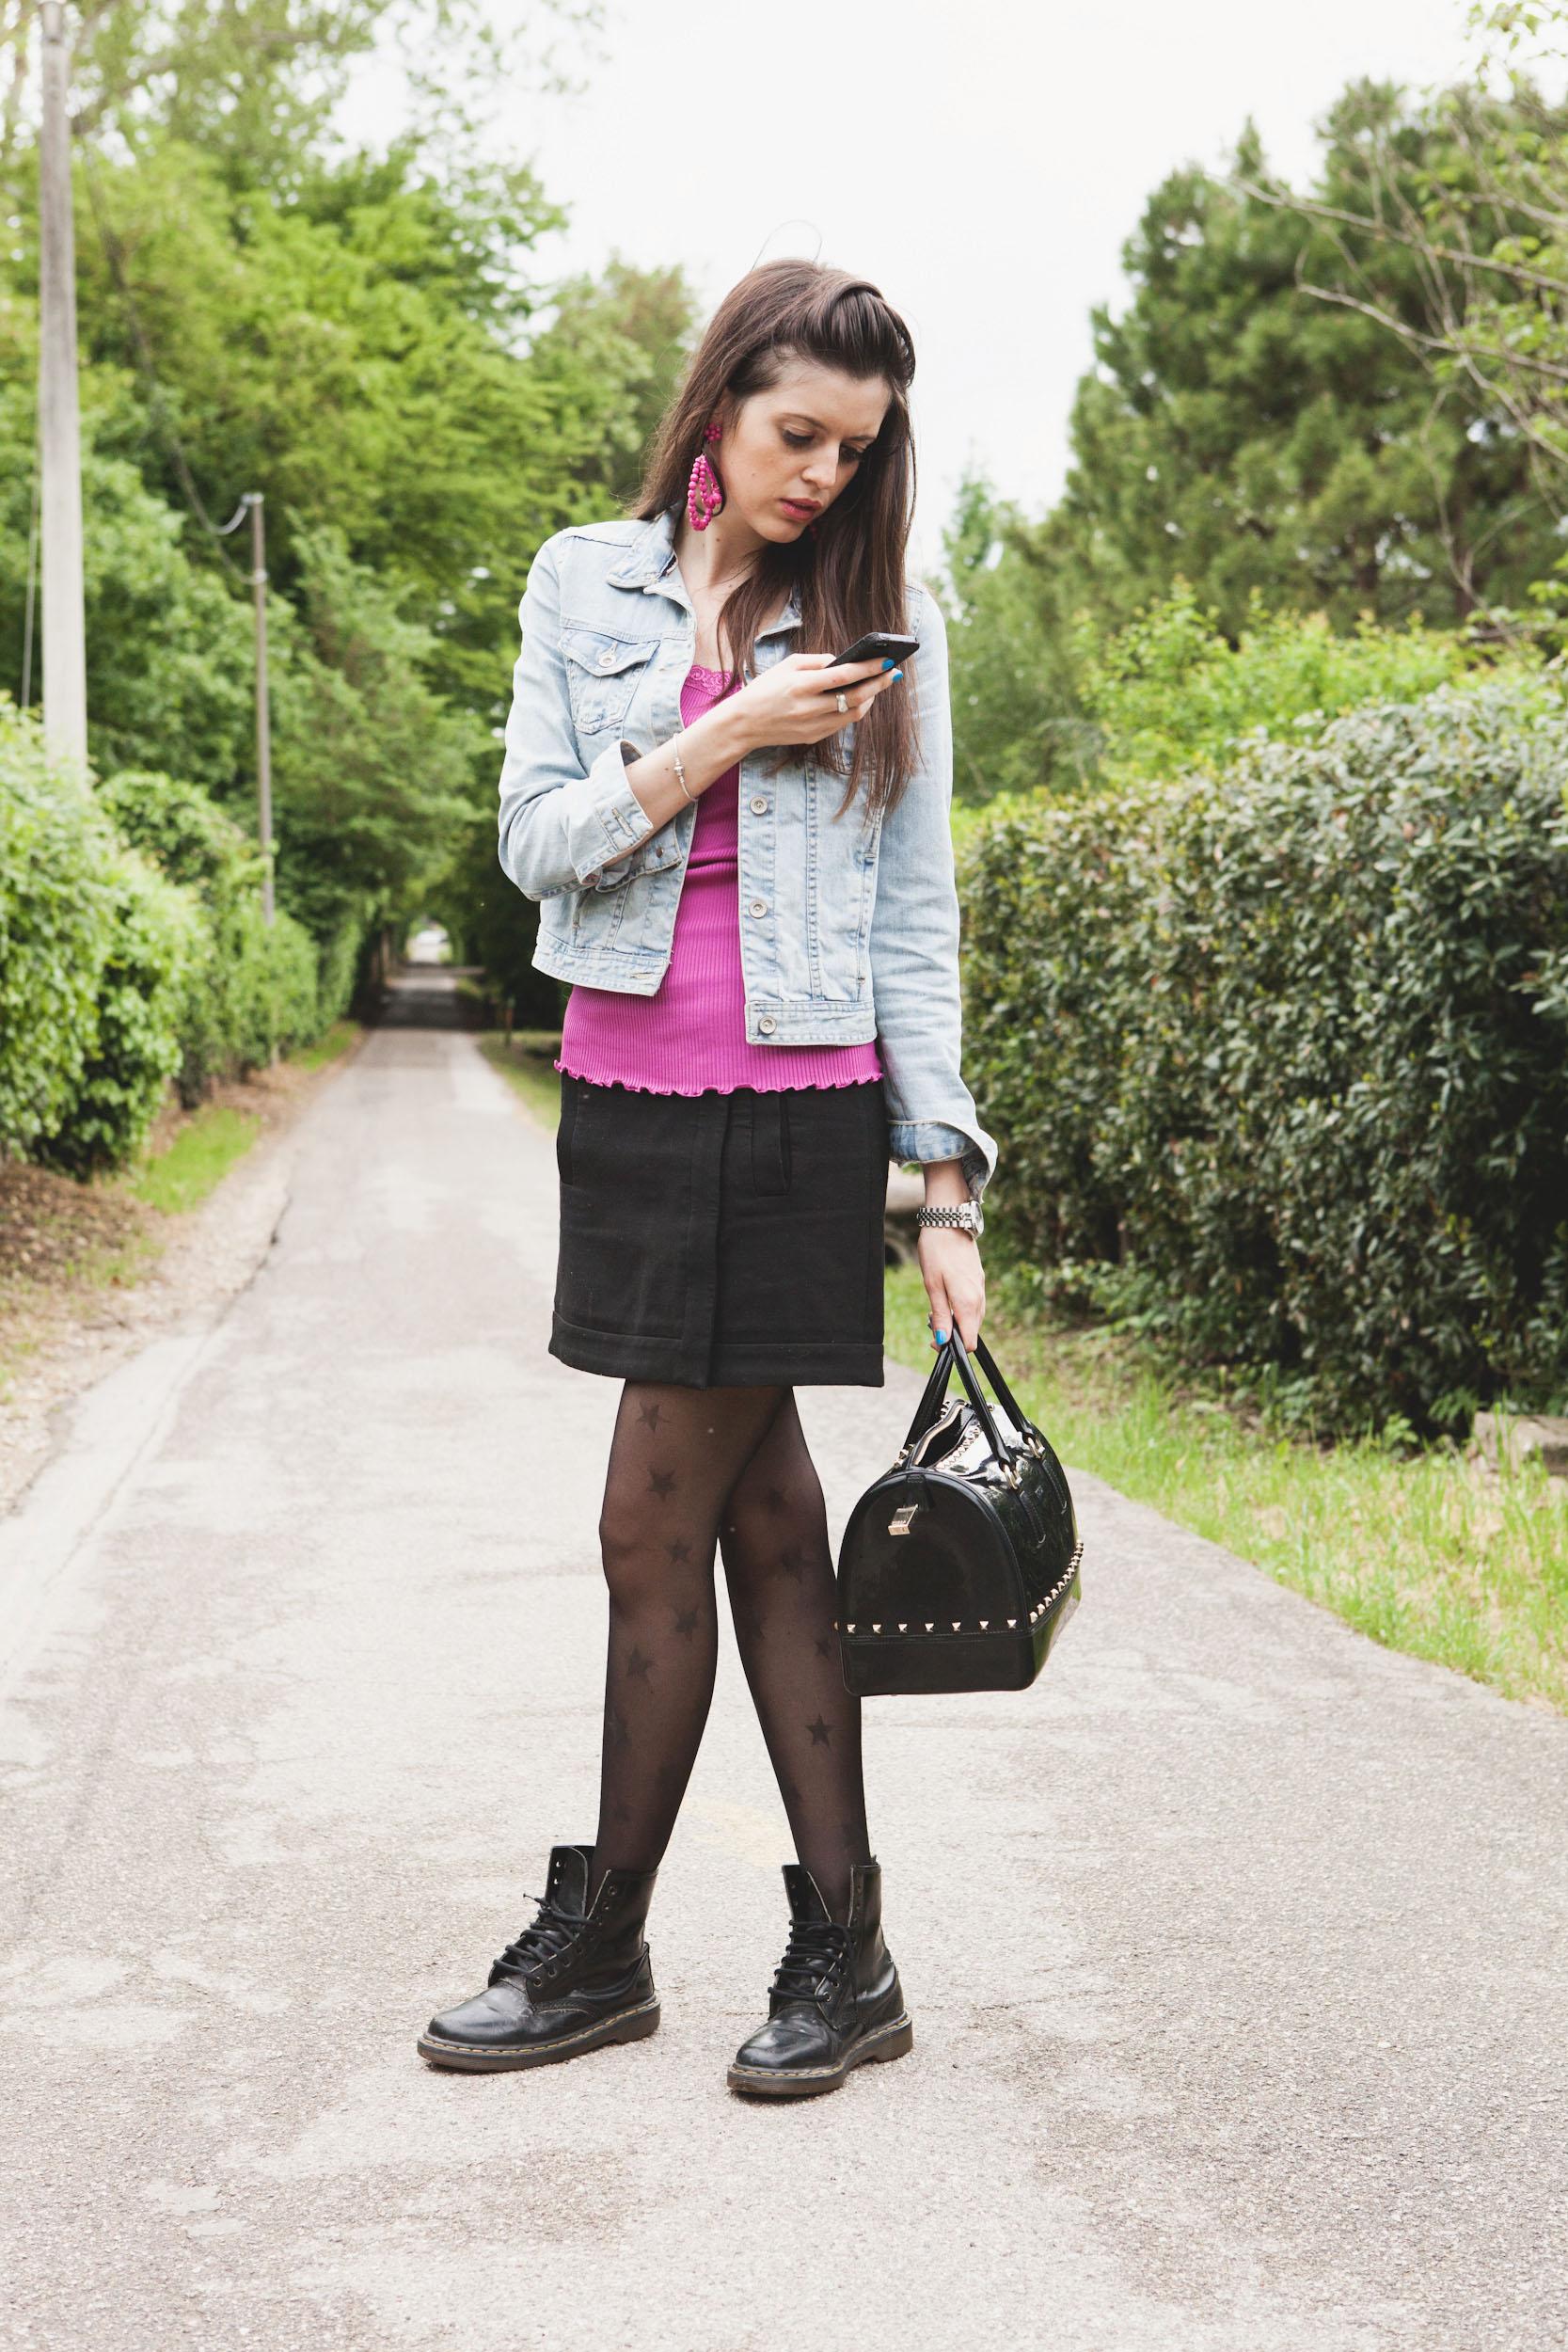 Abbinato Stelle Fucsia Outfit Con Jeans Le Giacchino In Calze A E vPxqwR45x